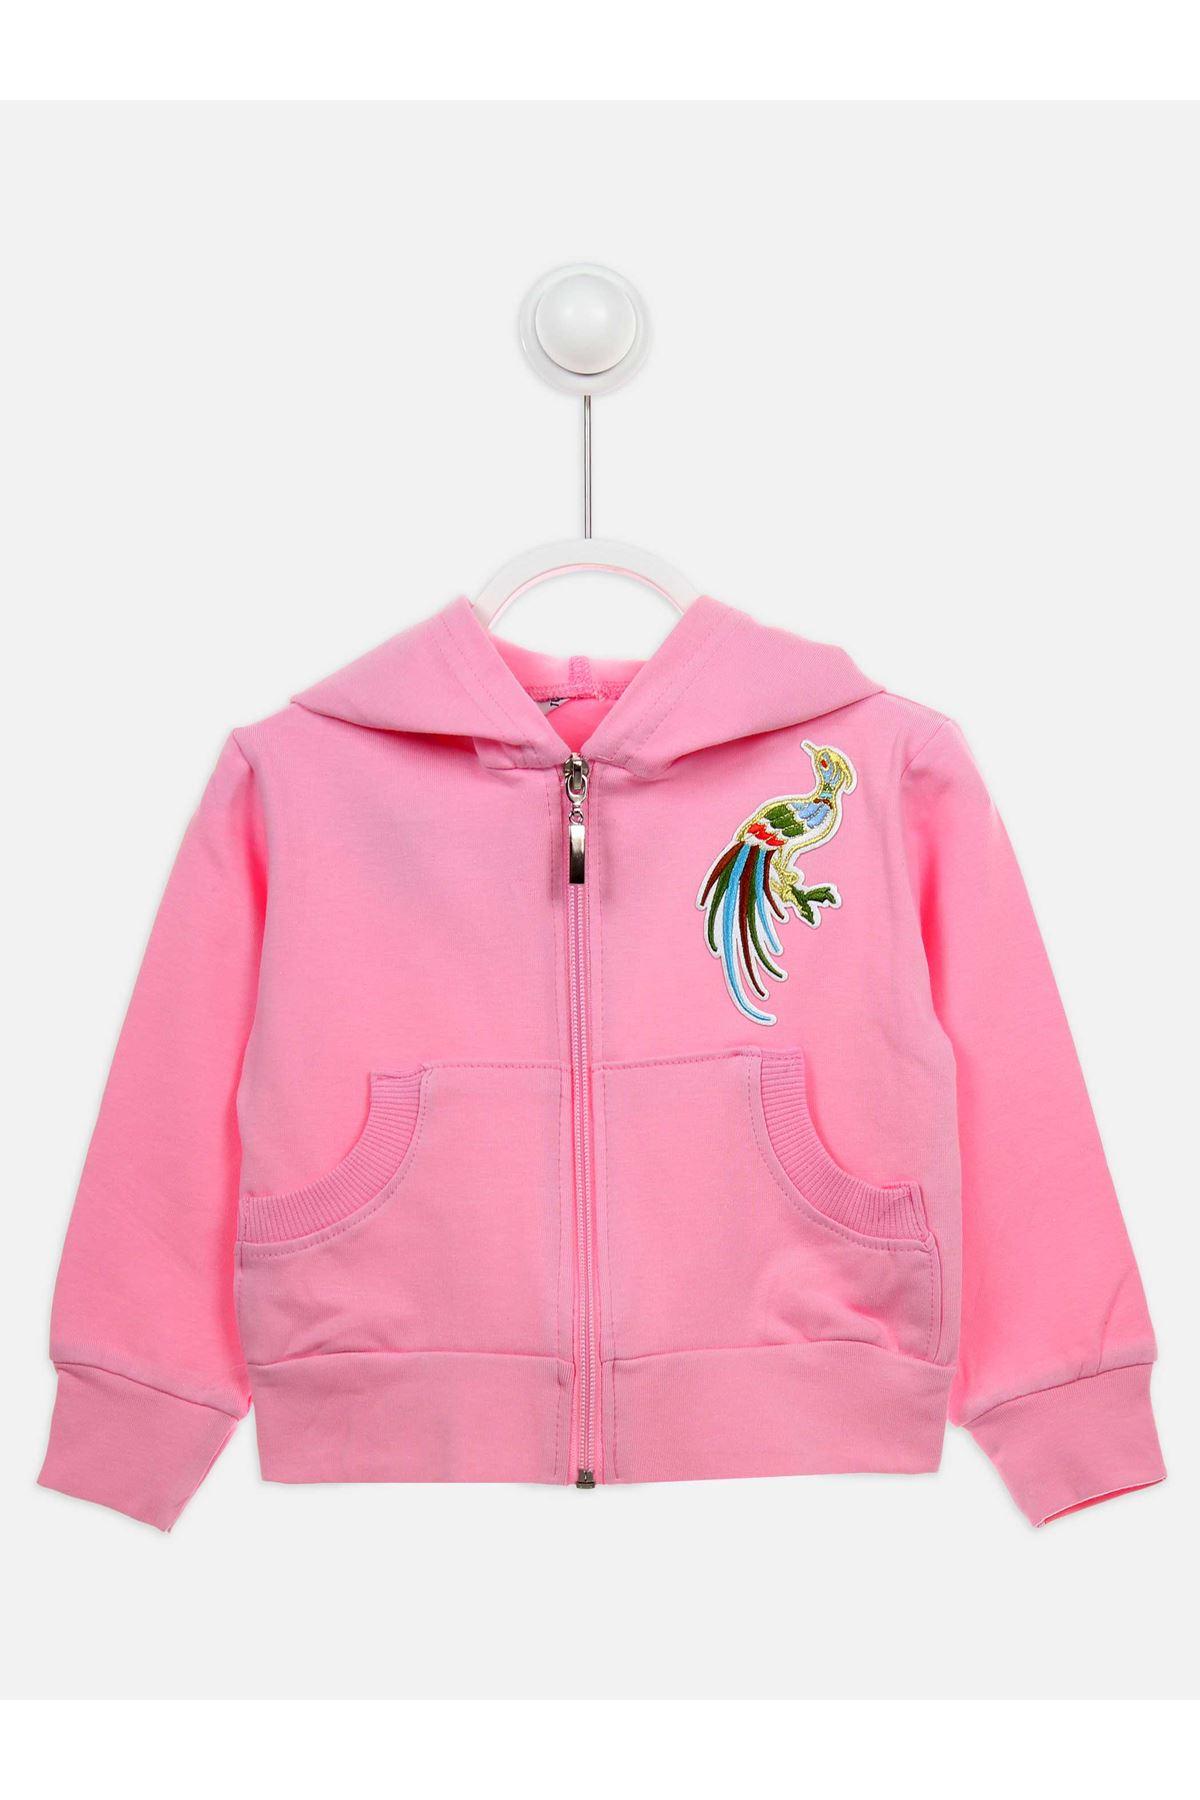 Açık Pembe Mevsimlik Kız Çocuk  Ceket